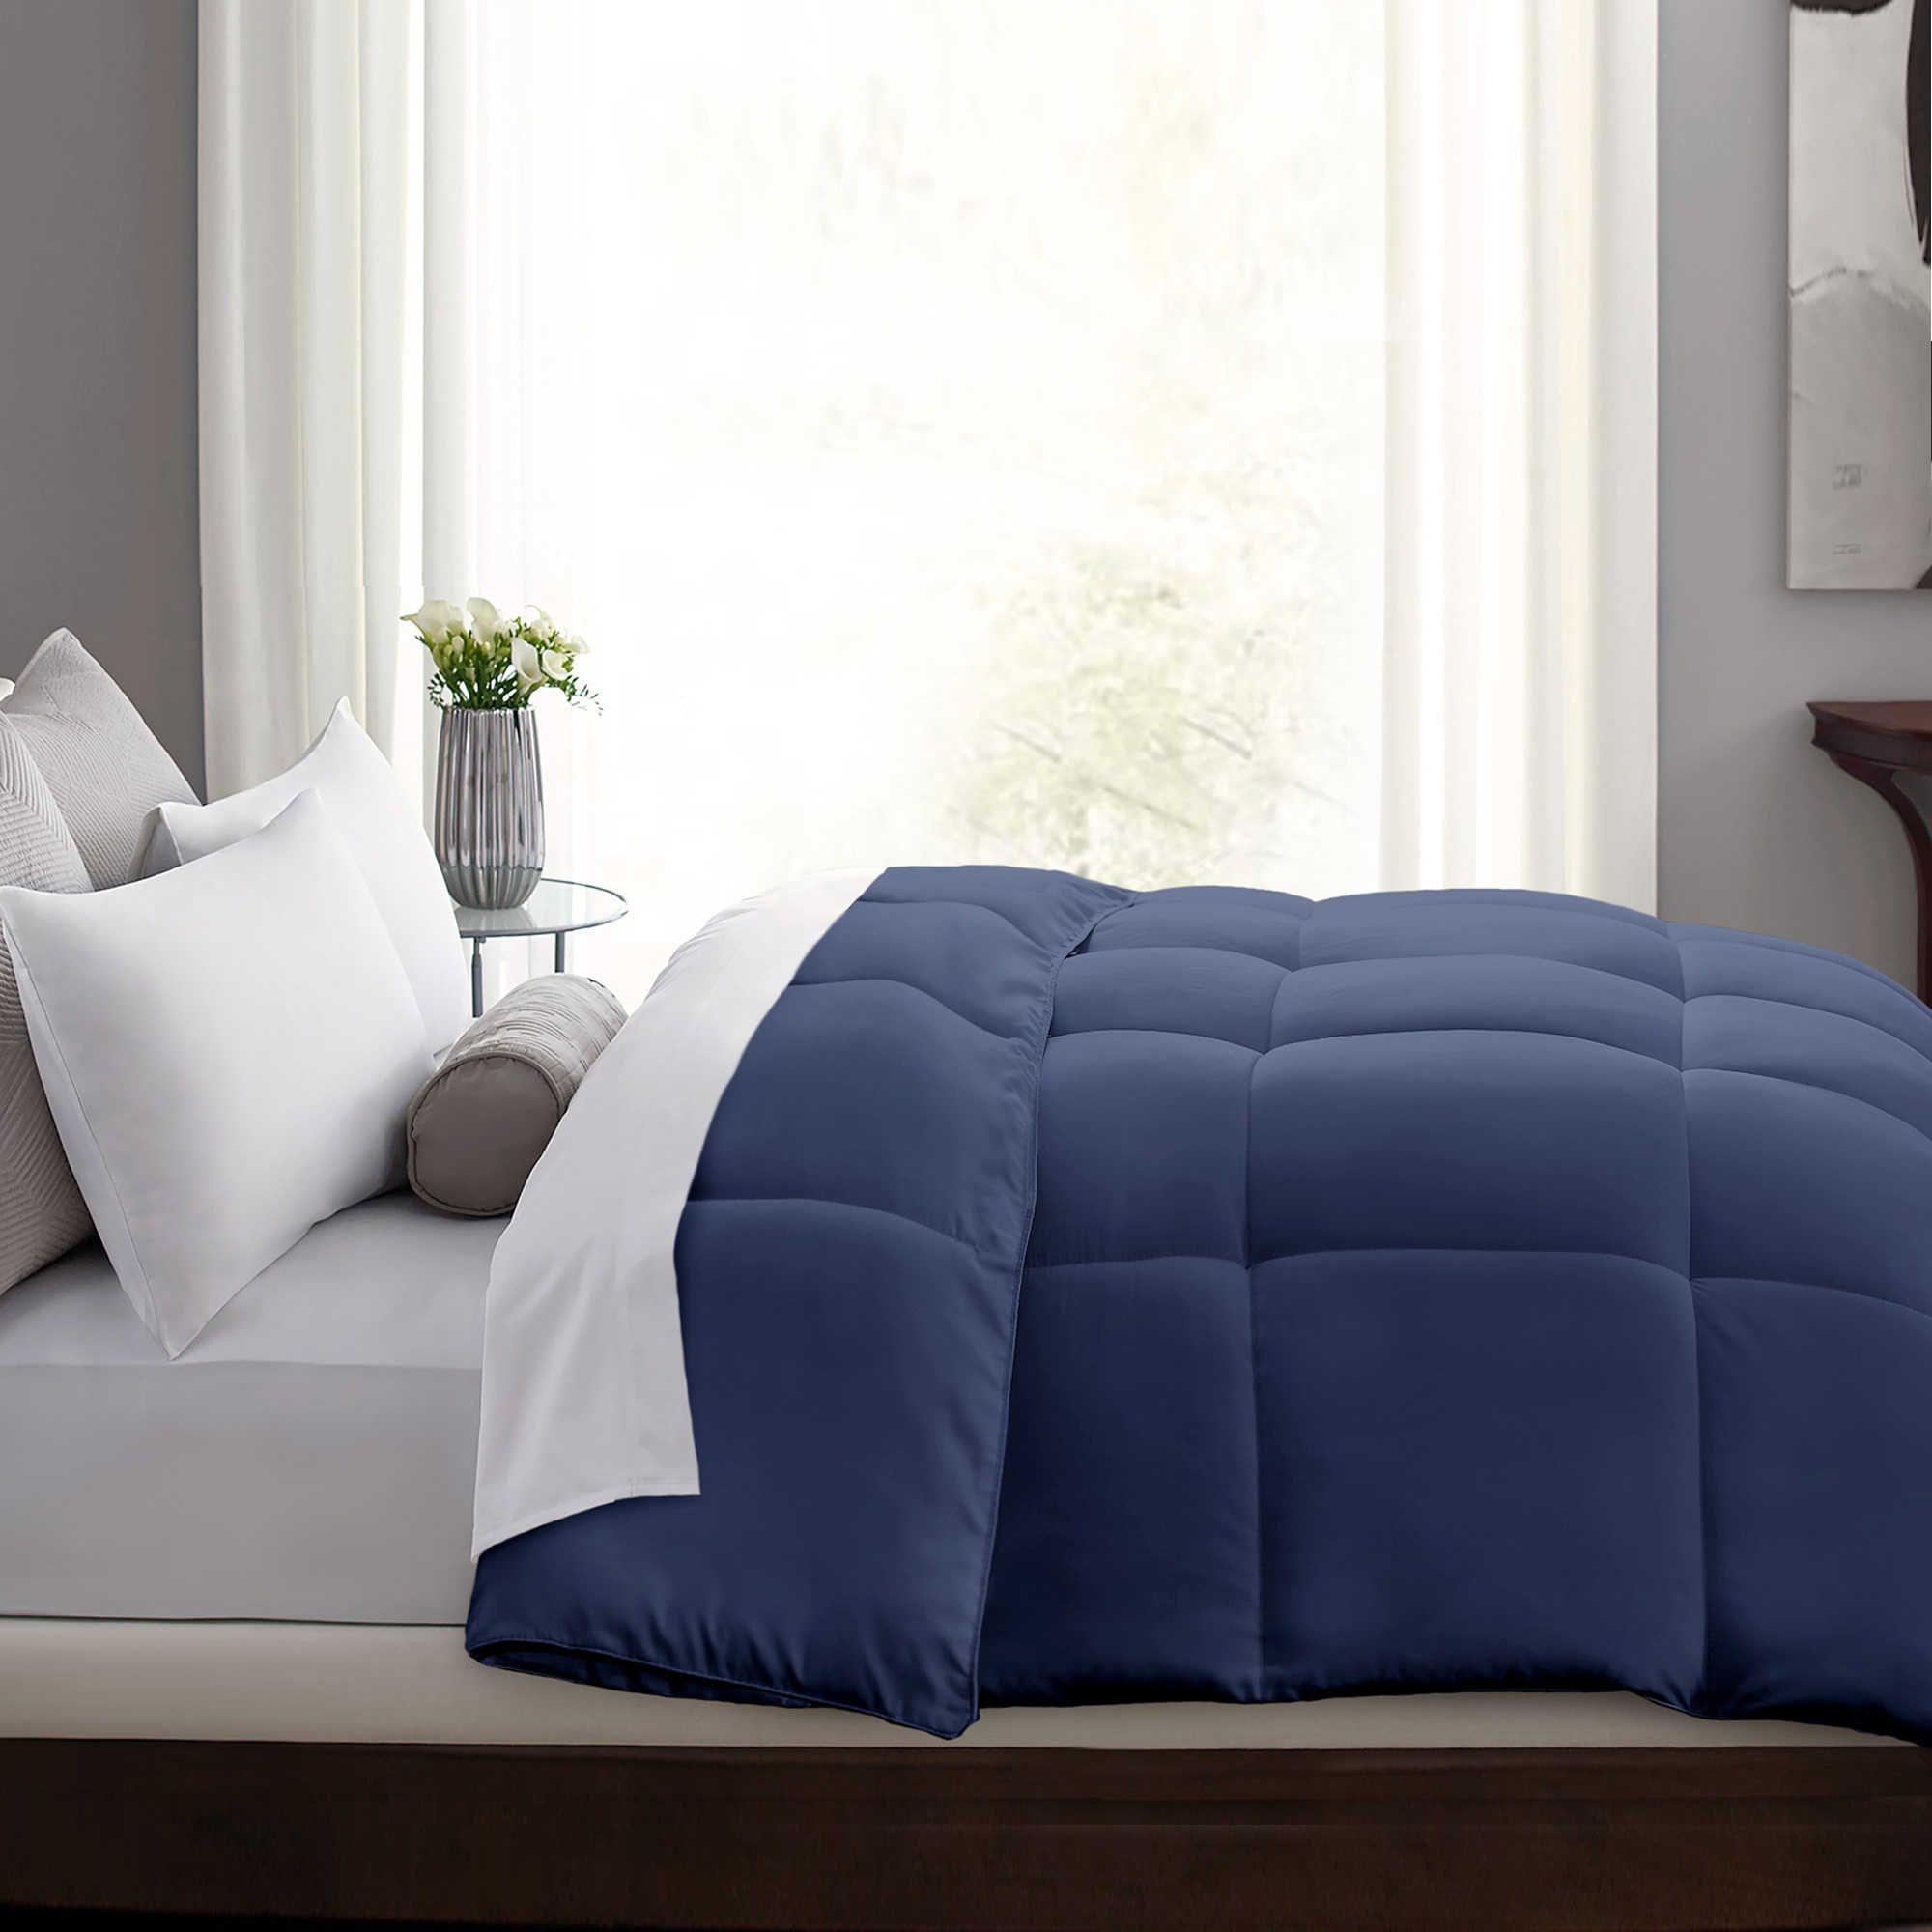 Microfiber Down Alternative Comforter Comforters